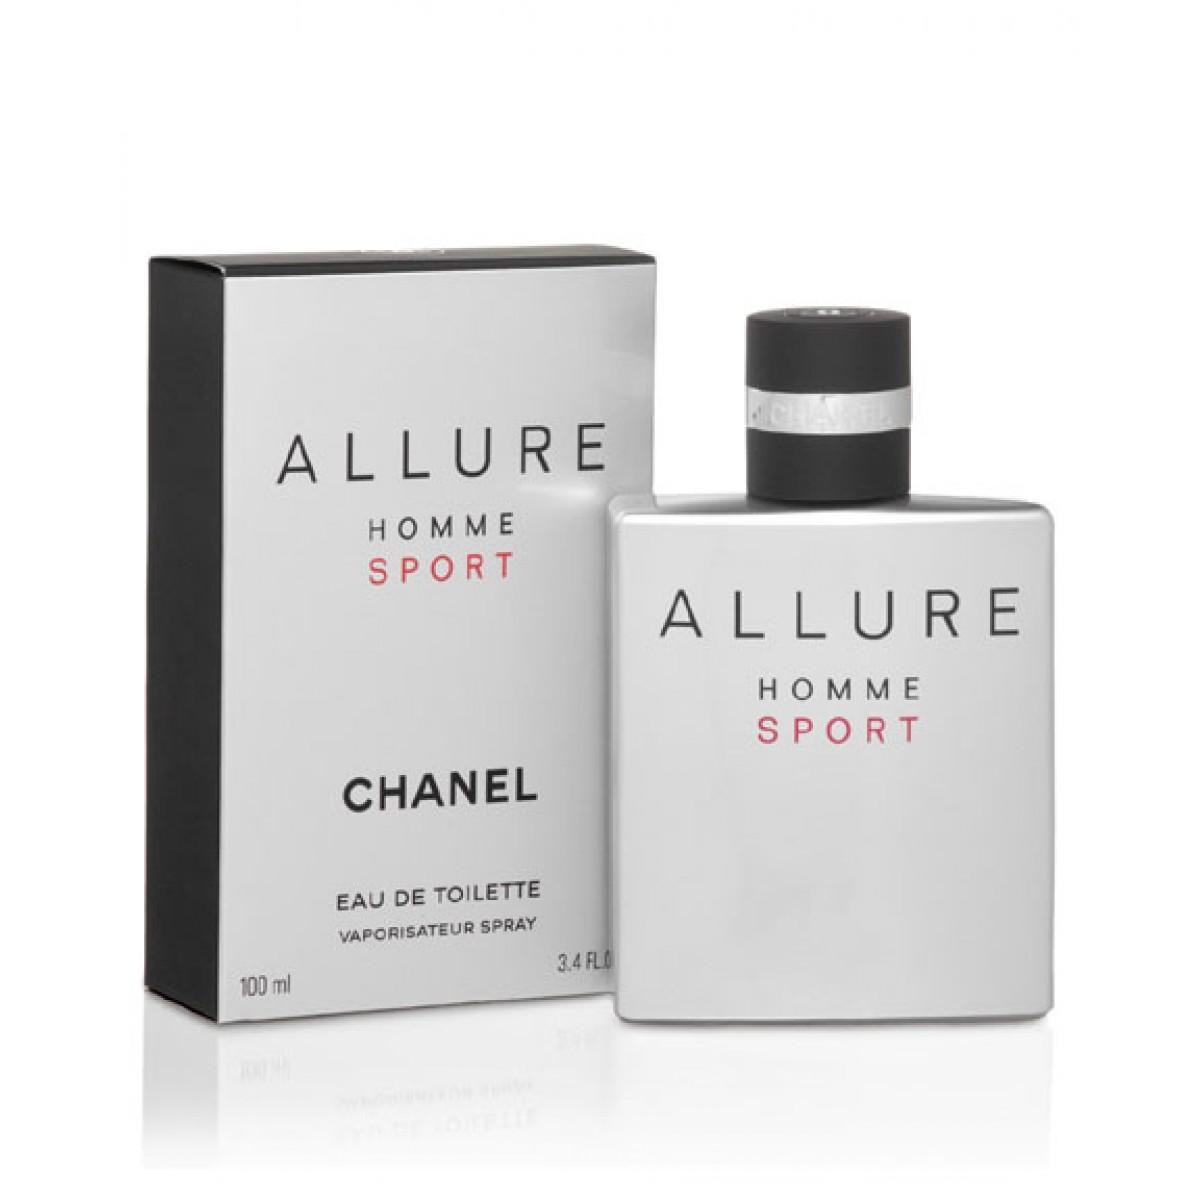 Chanel Allure Homme Sport Eau de Toilette for Men 100ml